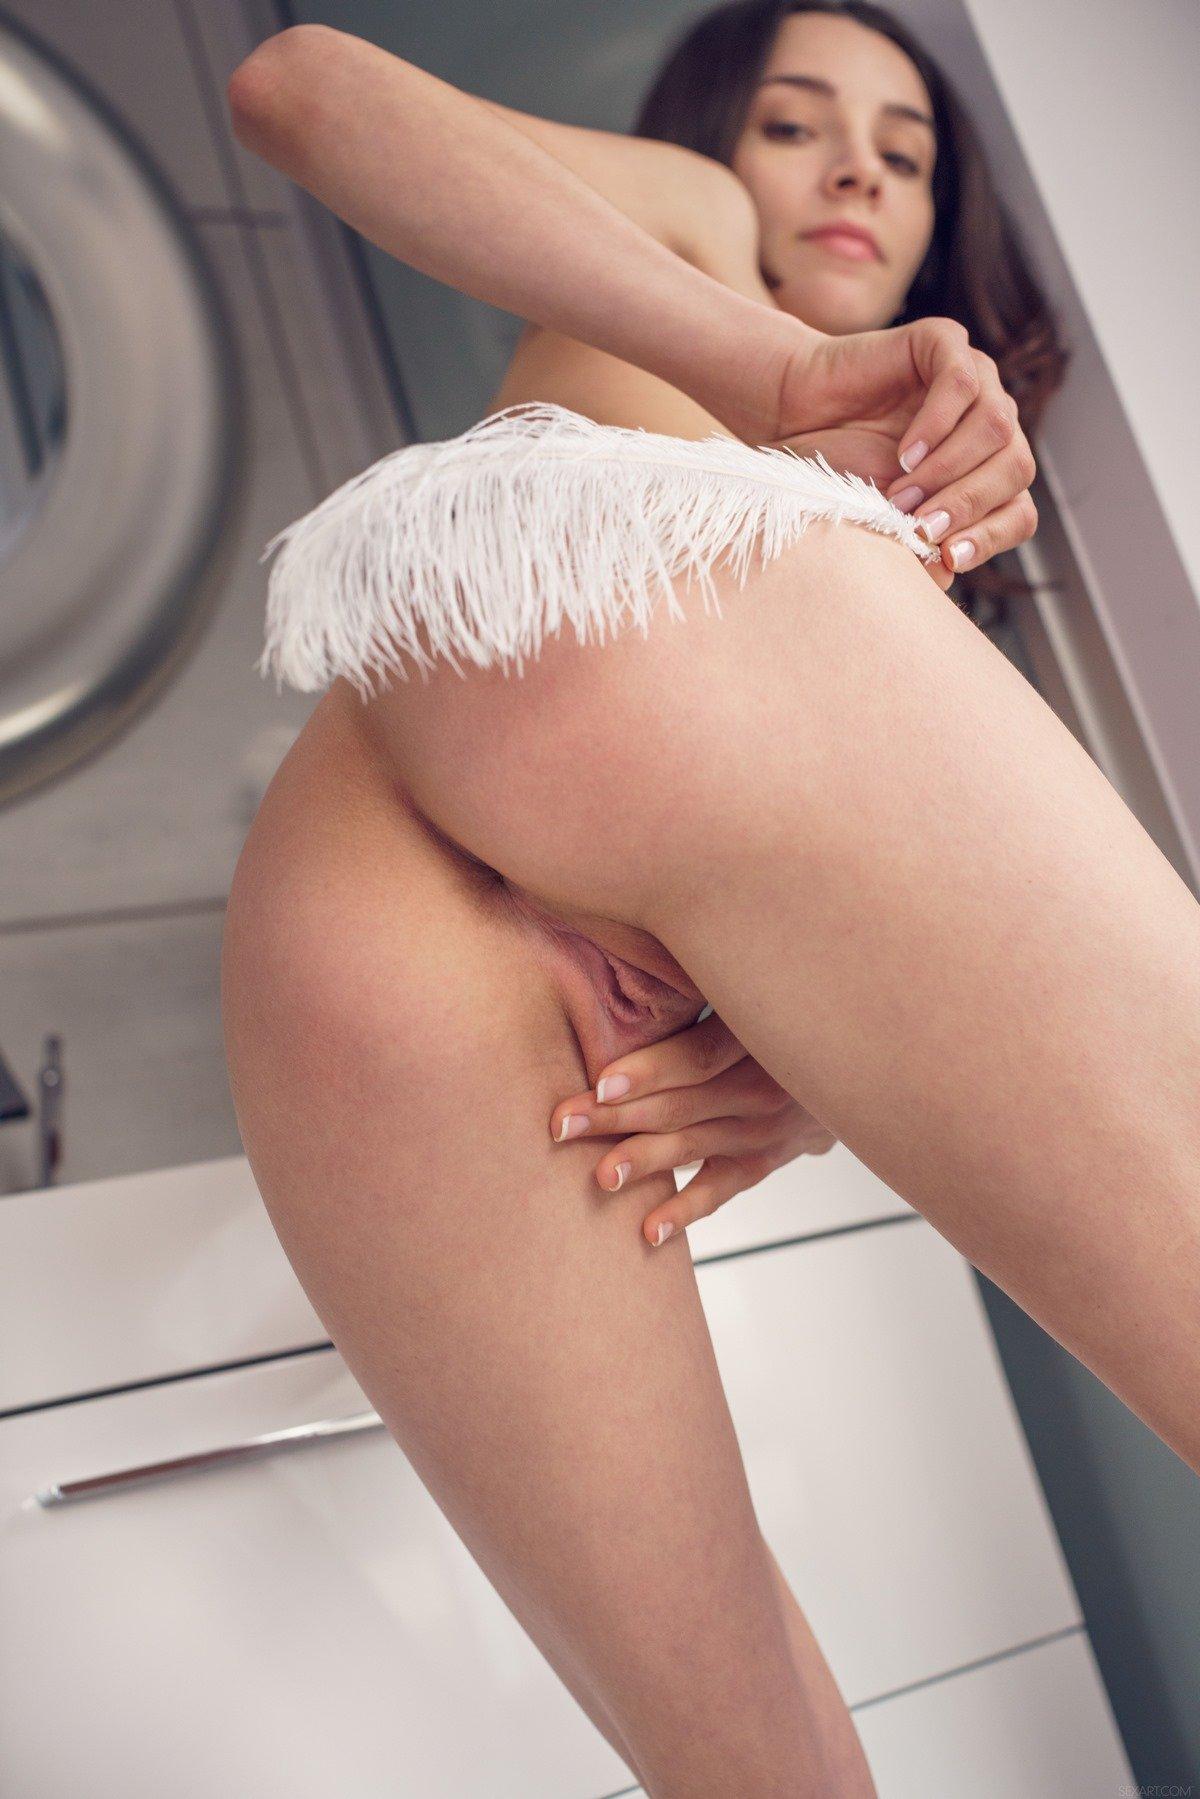 Эротика худенькой девушки в прозрачном пеньюаре